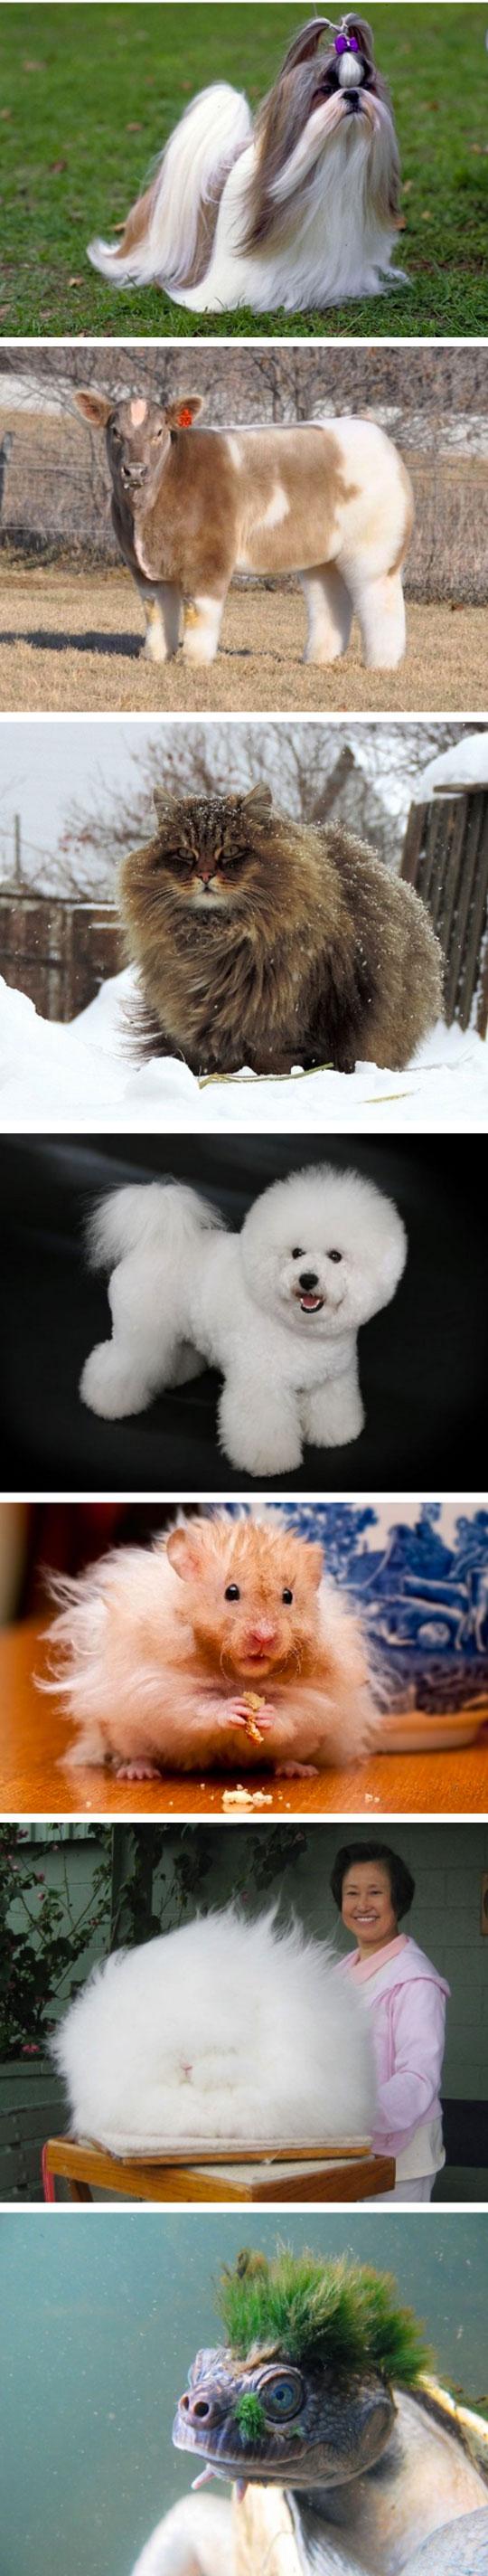 cool-cute-fluffy-dog-bunny